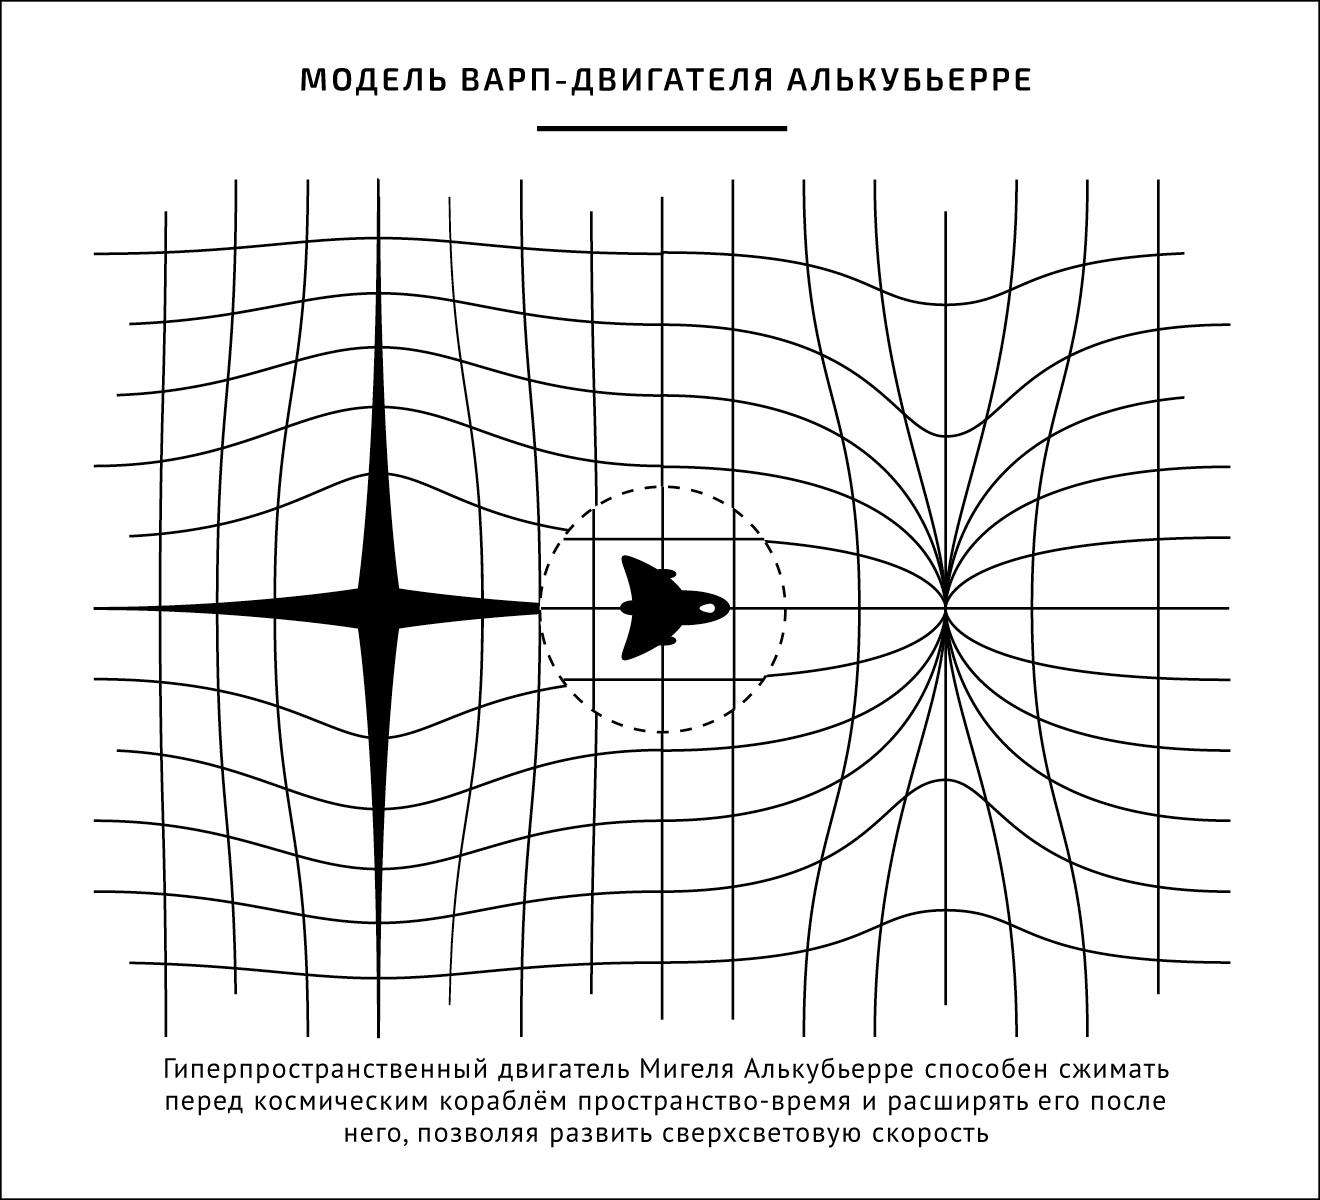 Модель варп-двигателя